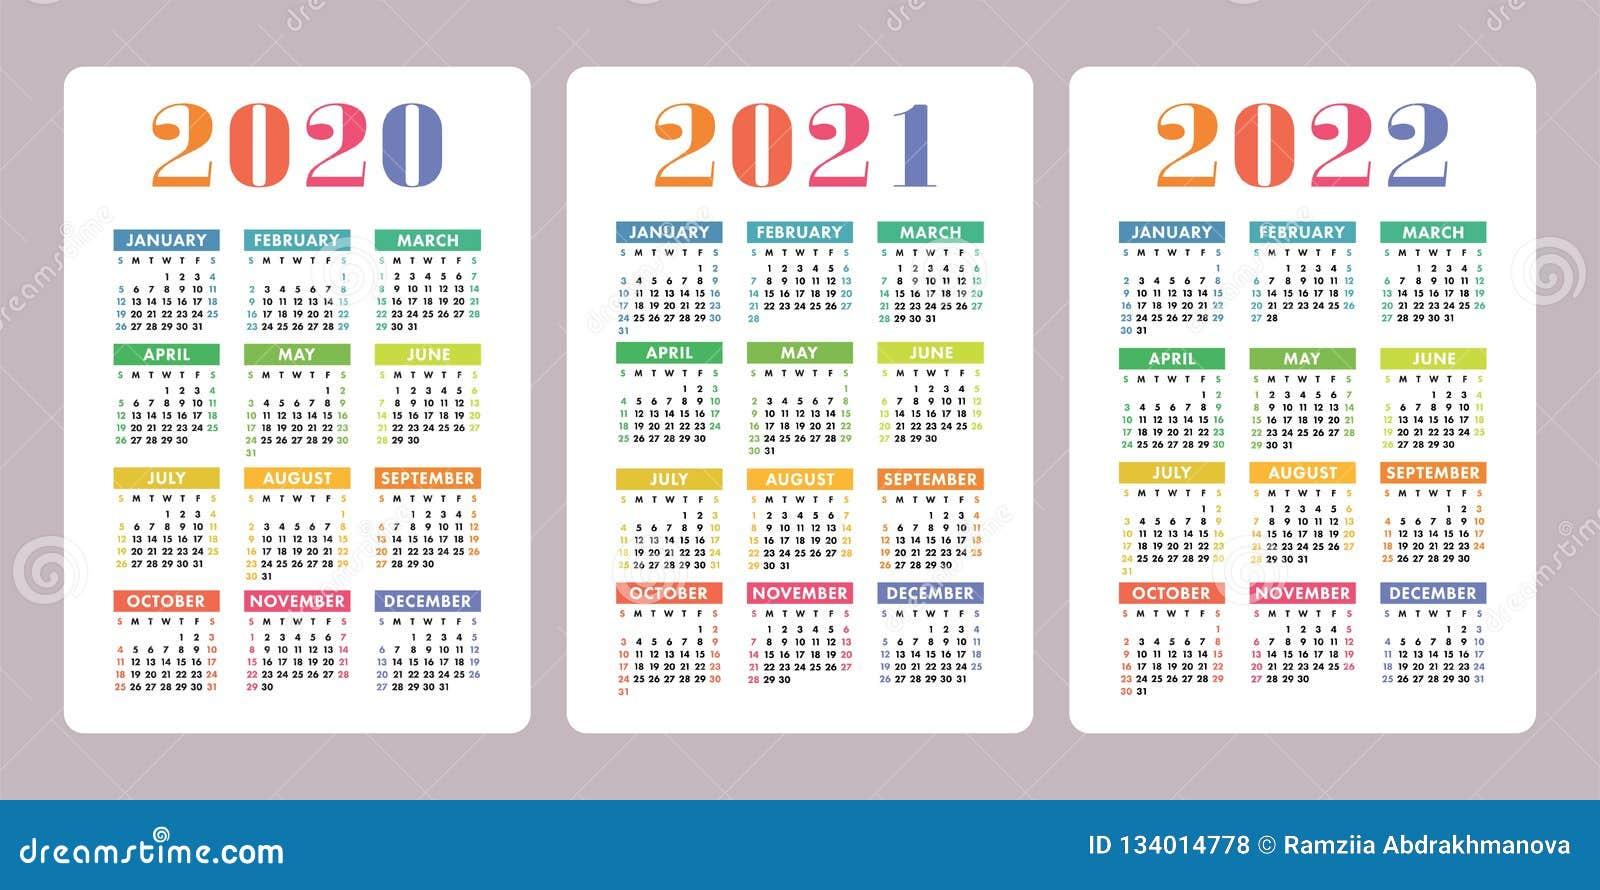 Calendrier 2021 Gratuit.Calendrier 2020 2021 2022 Ans Conception Verticale De